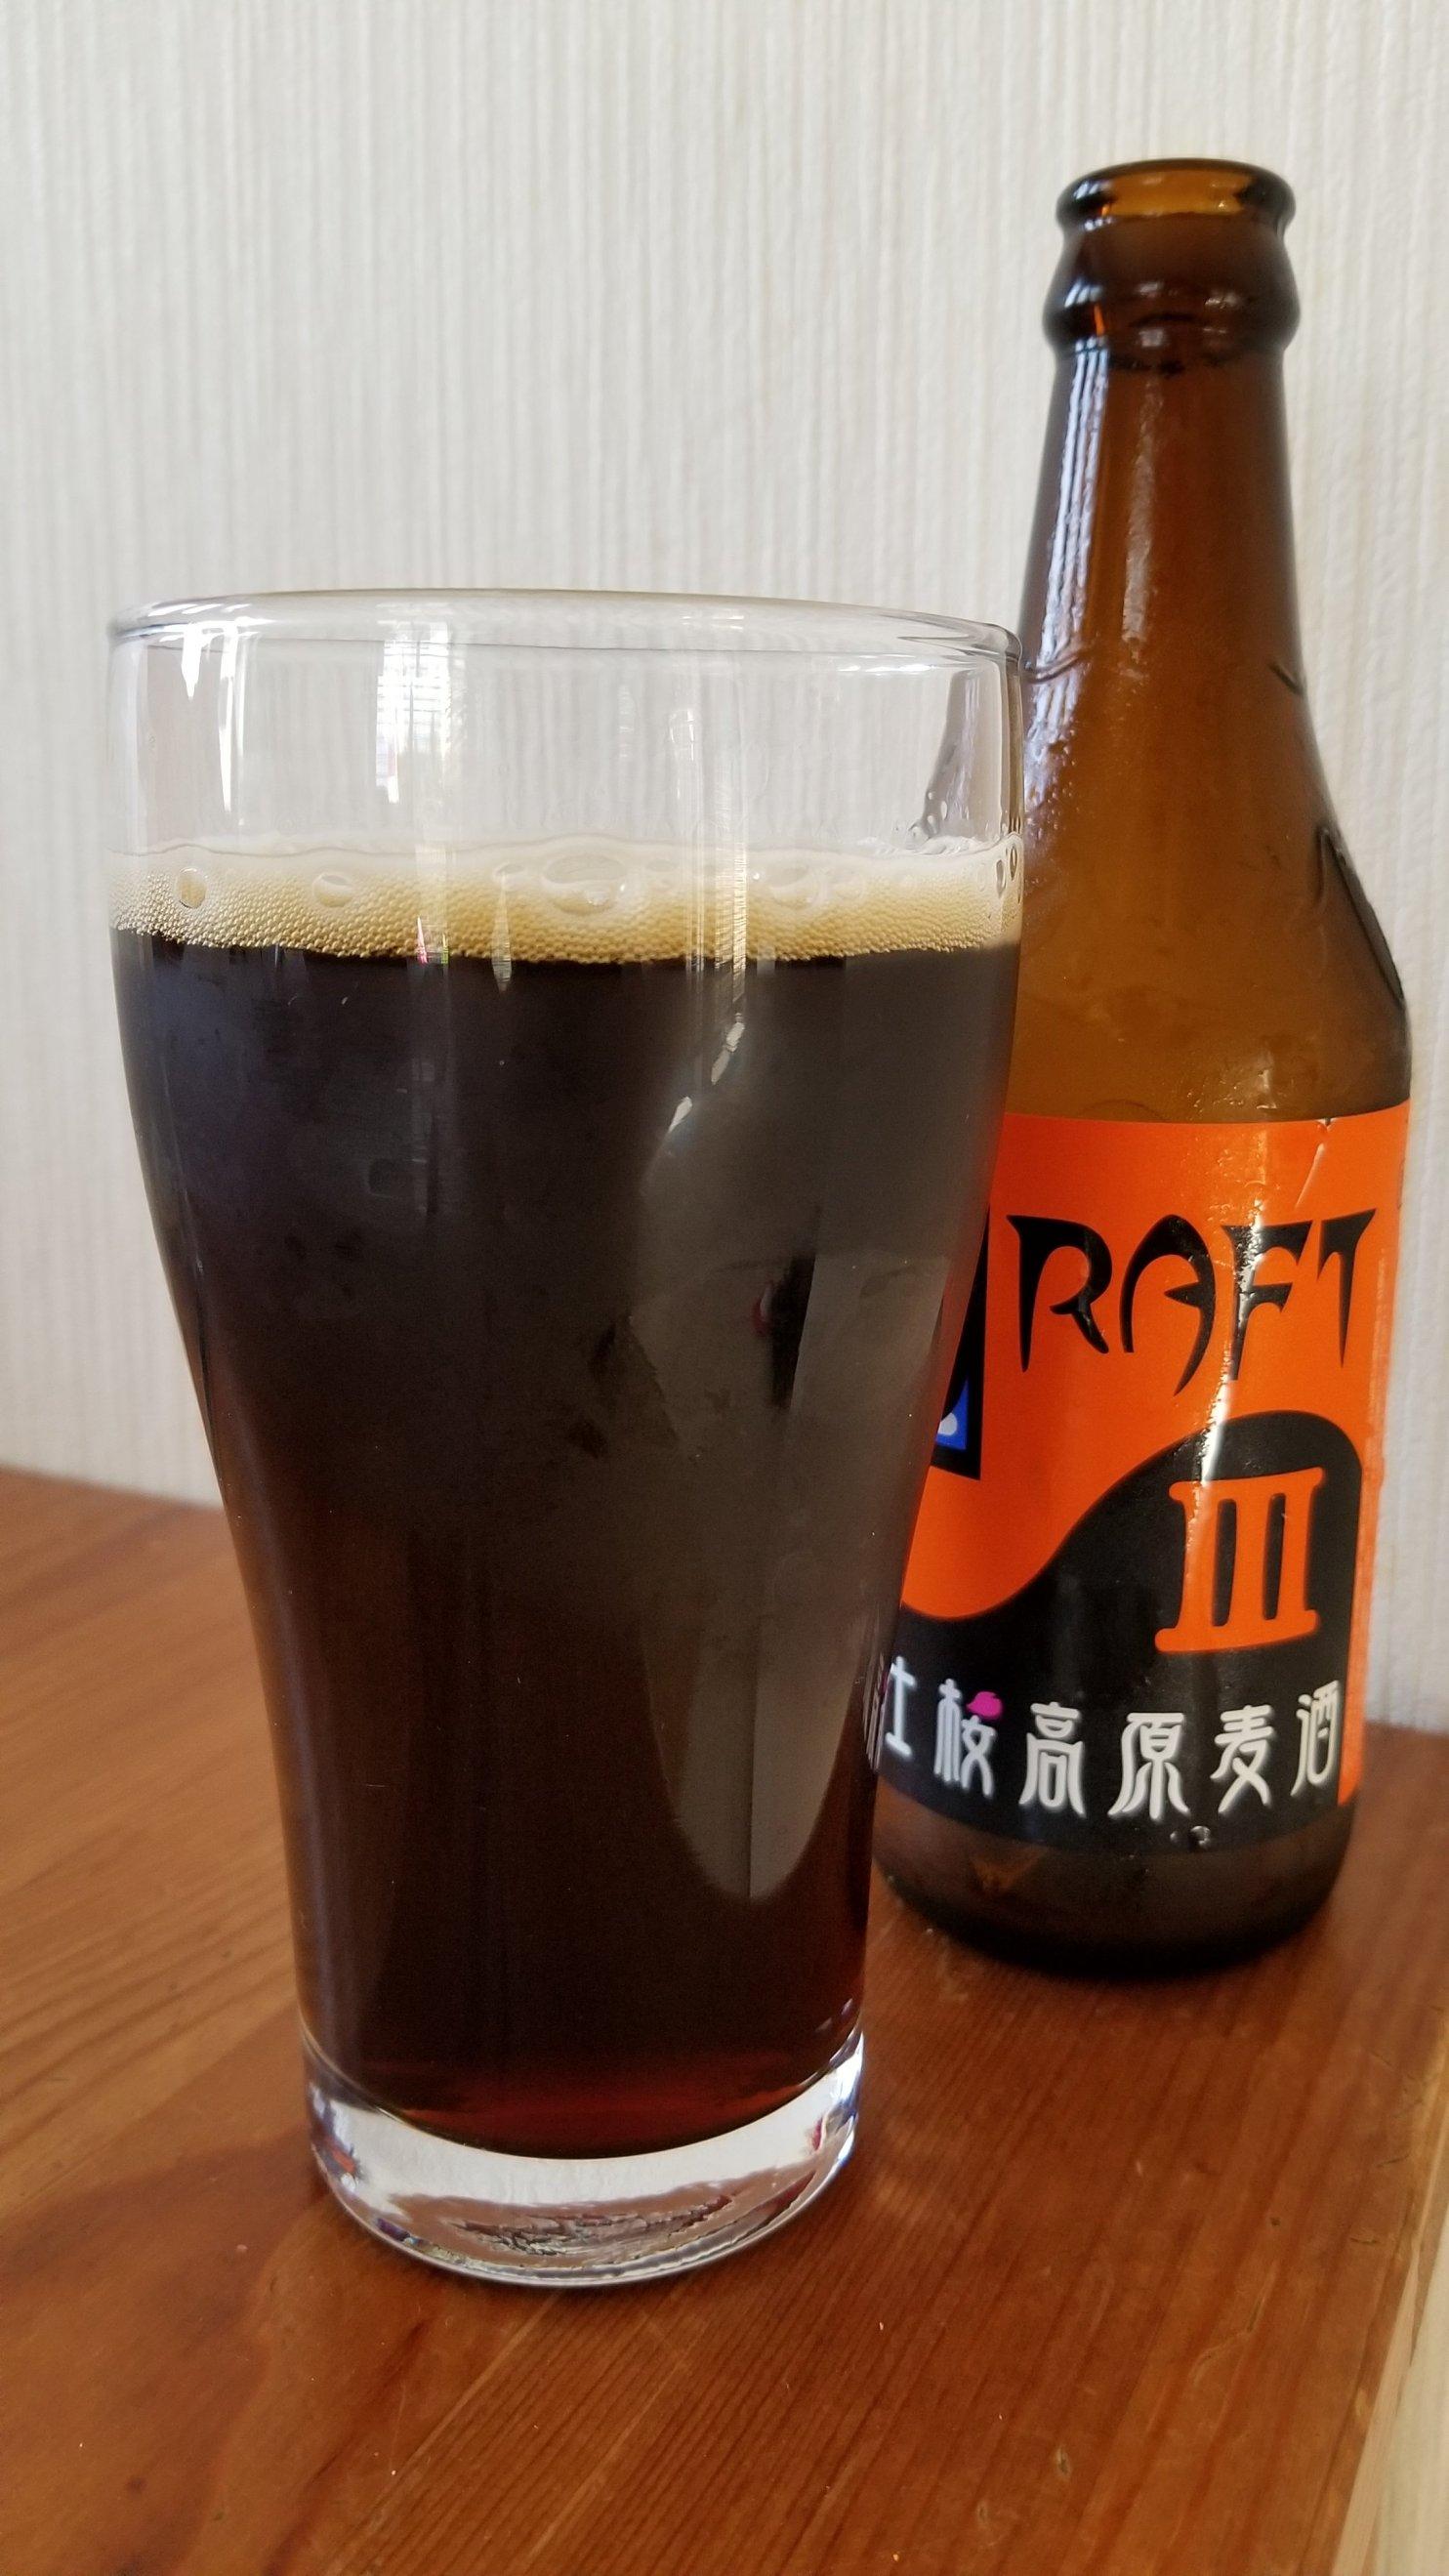 Fujizakura Draft 3 富士桜高原麦酒六本木ドラフト・スリー